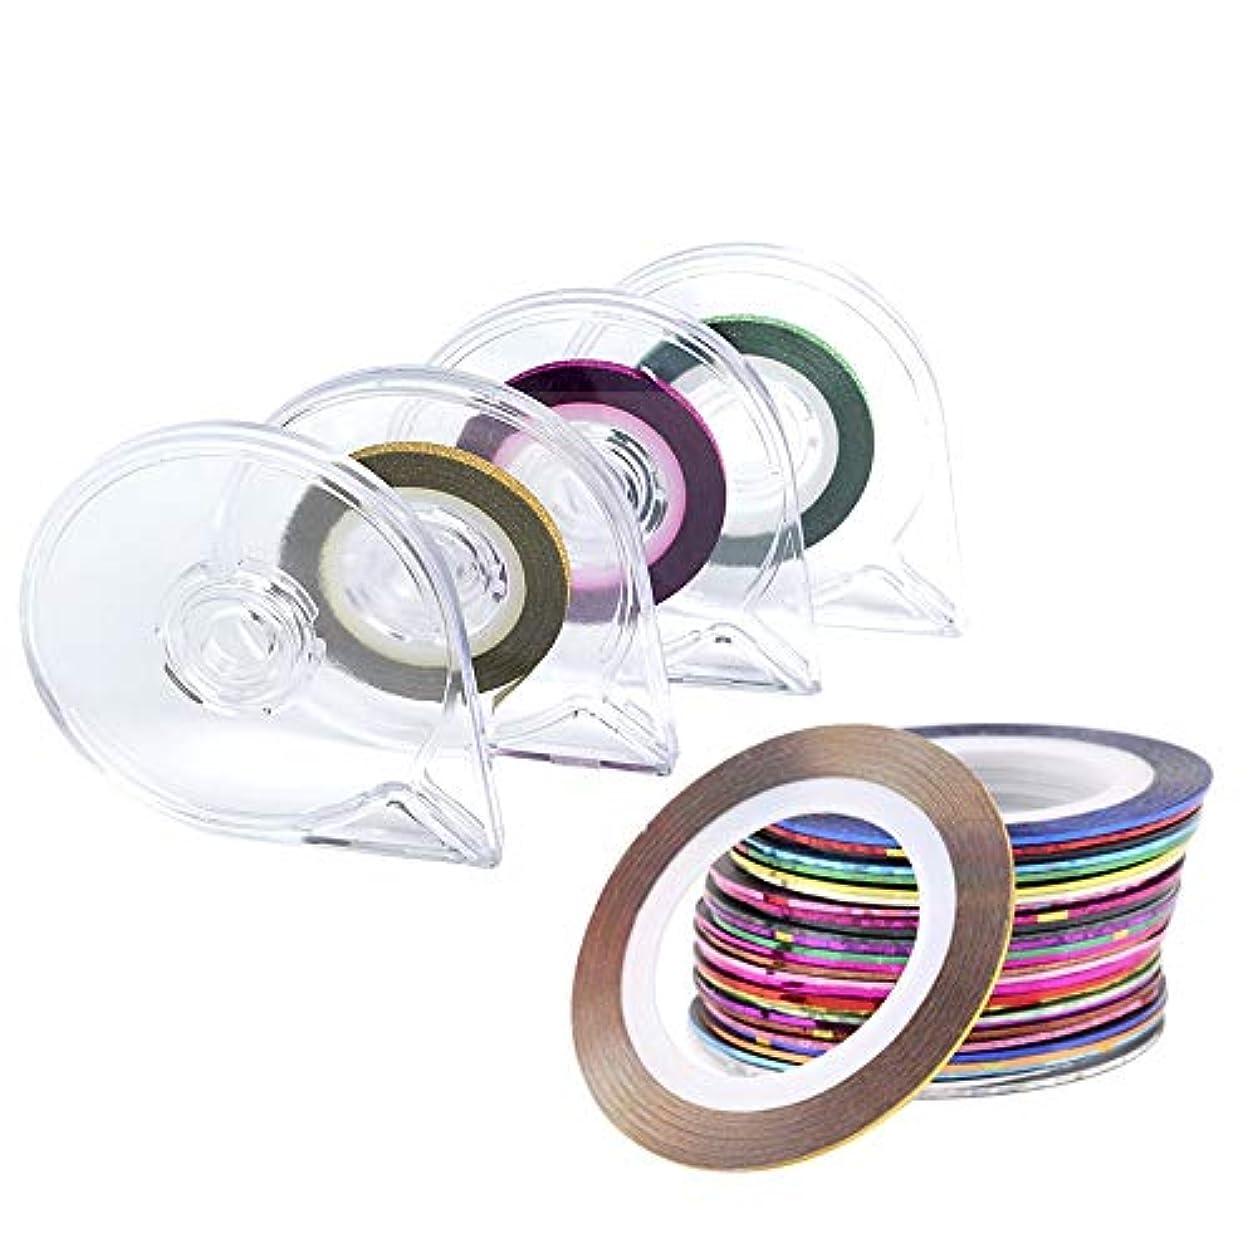 ビューティフル 女性 レーザーラインテープネイルアート用 ラインテープ シート ジェルネイル用 マニキュア セット ジェルネイル アート用ラインテープ 専用ケース付き 30ピース (Color : Mixed Colour)